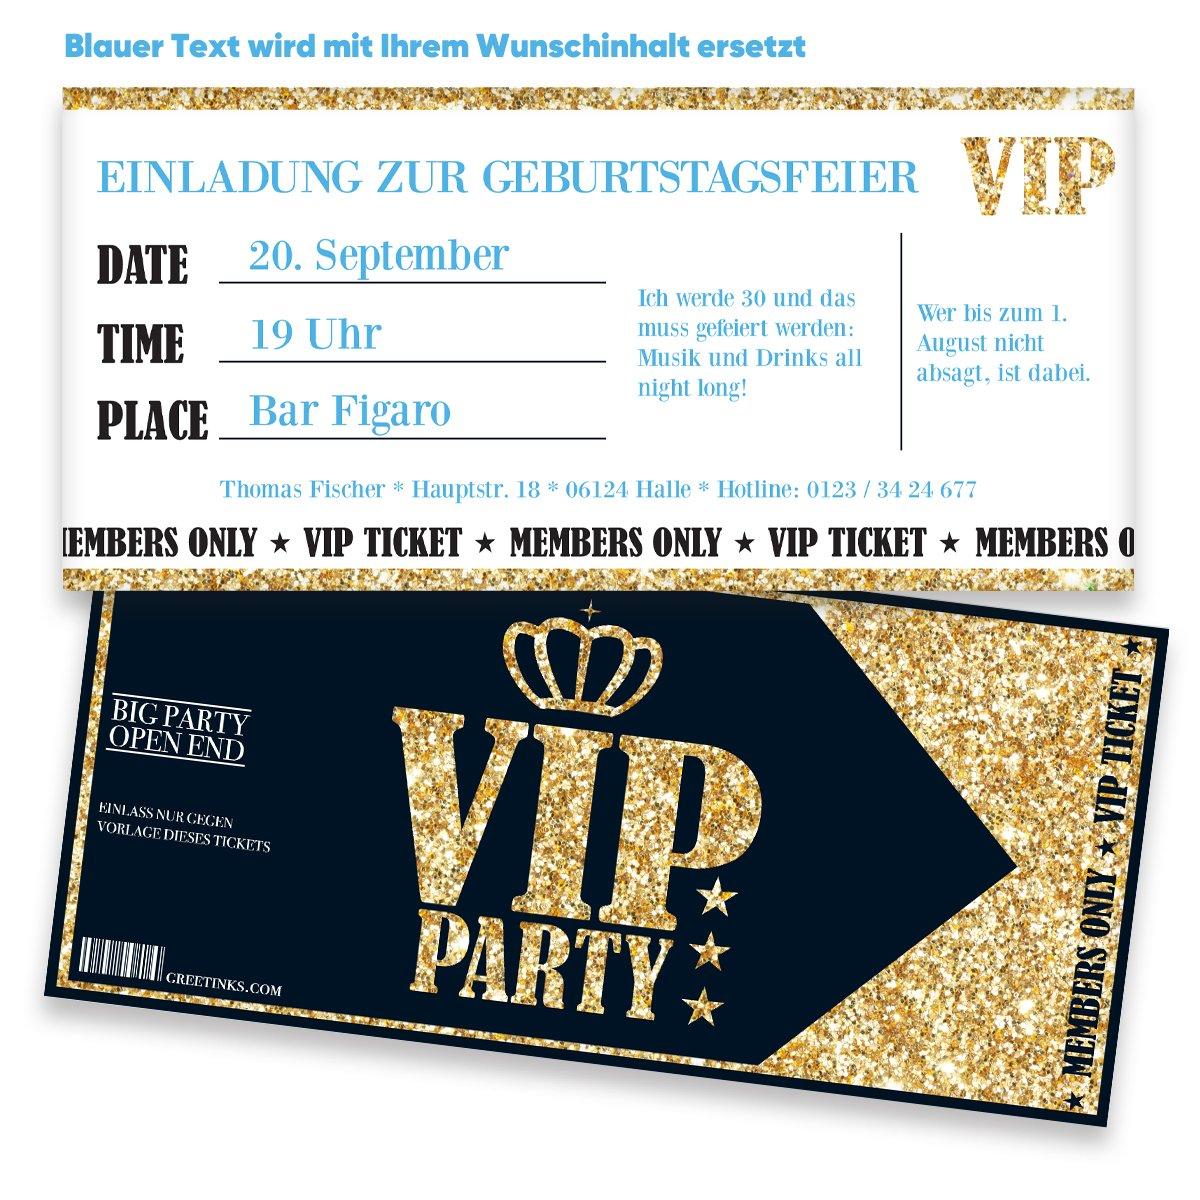 Einladungskarten Zum Geburtstag Für VIP | 10 Stück | Inkl. Druck Ihrer  Texte | Individuelle Einladungen | Jugendweihe | Kindergeburtstag | Karte  Einladung ...